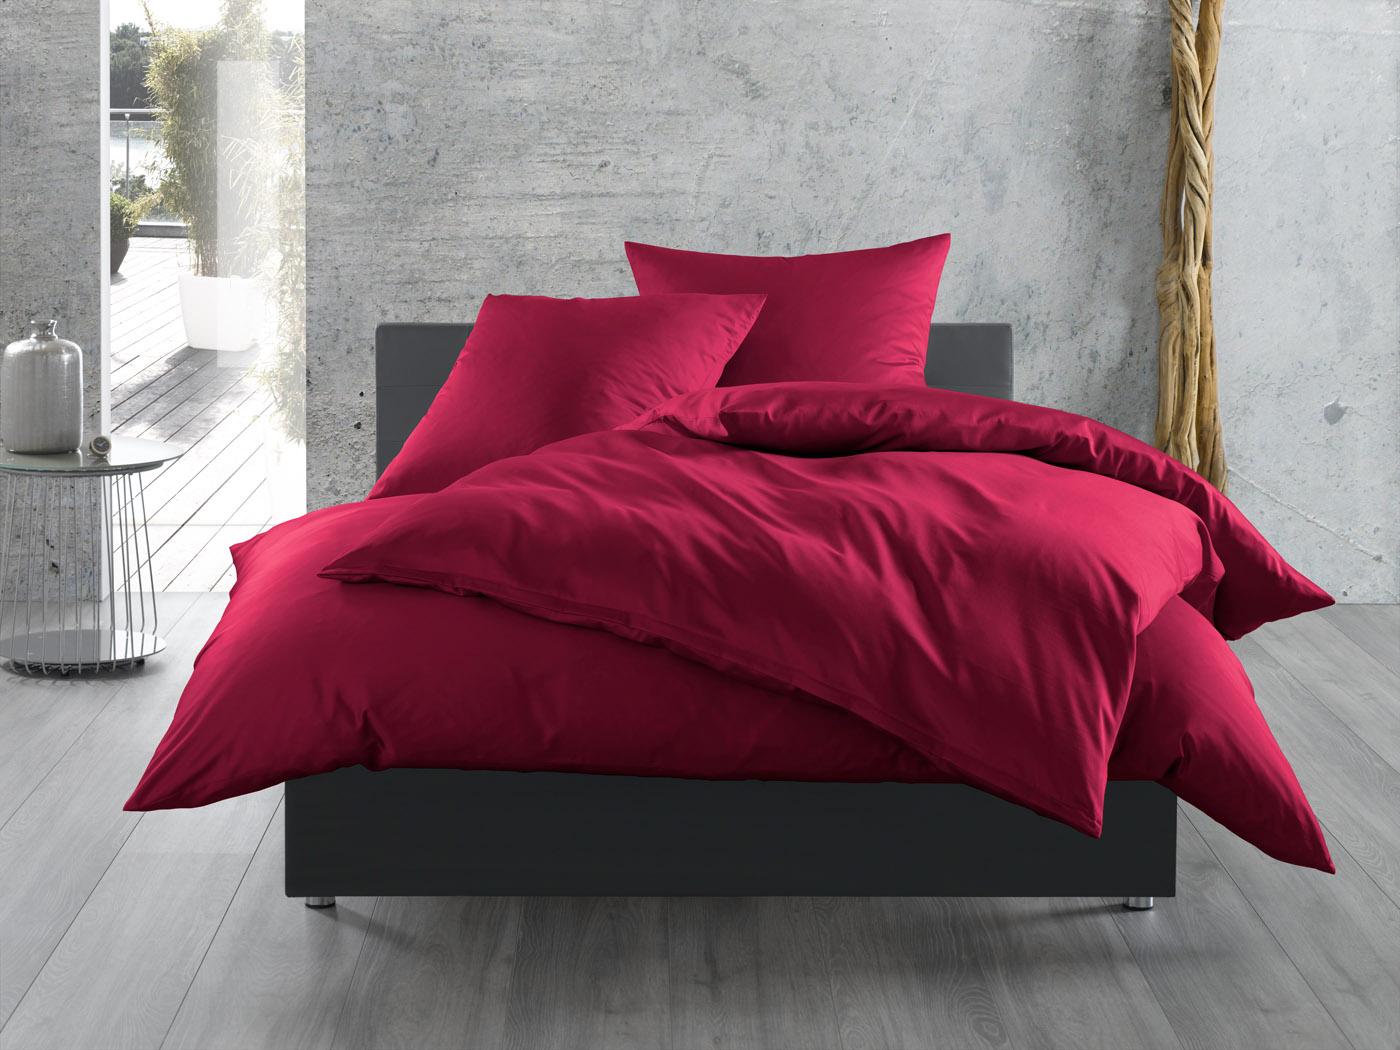 mako satin bettw sche uni einfarbig pink online kaufen bms. Black Bedroom Furniture Sets. Home Design Ideas